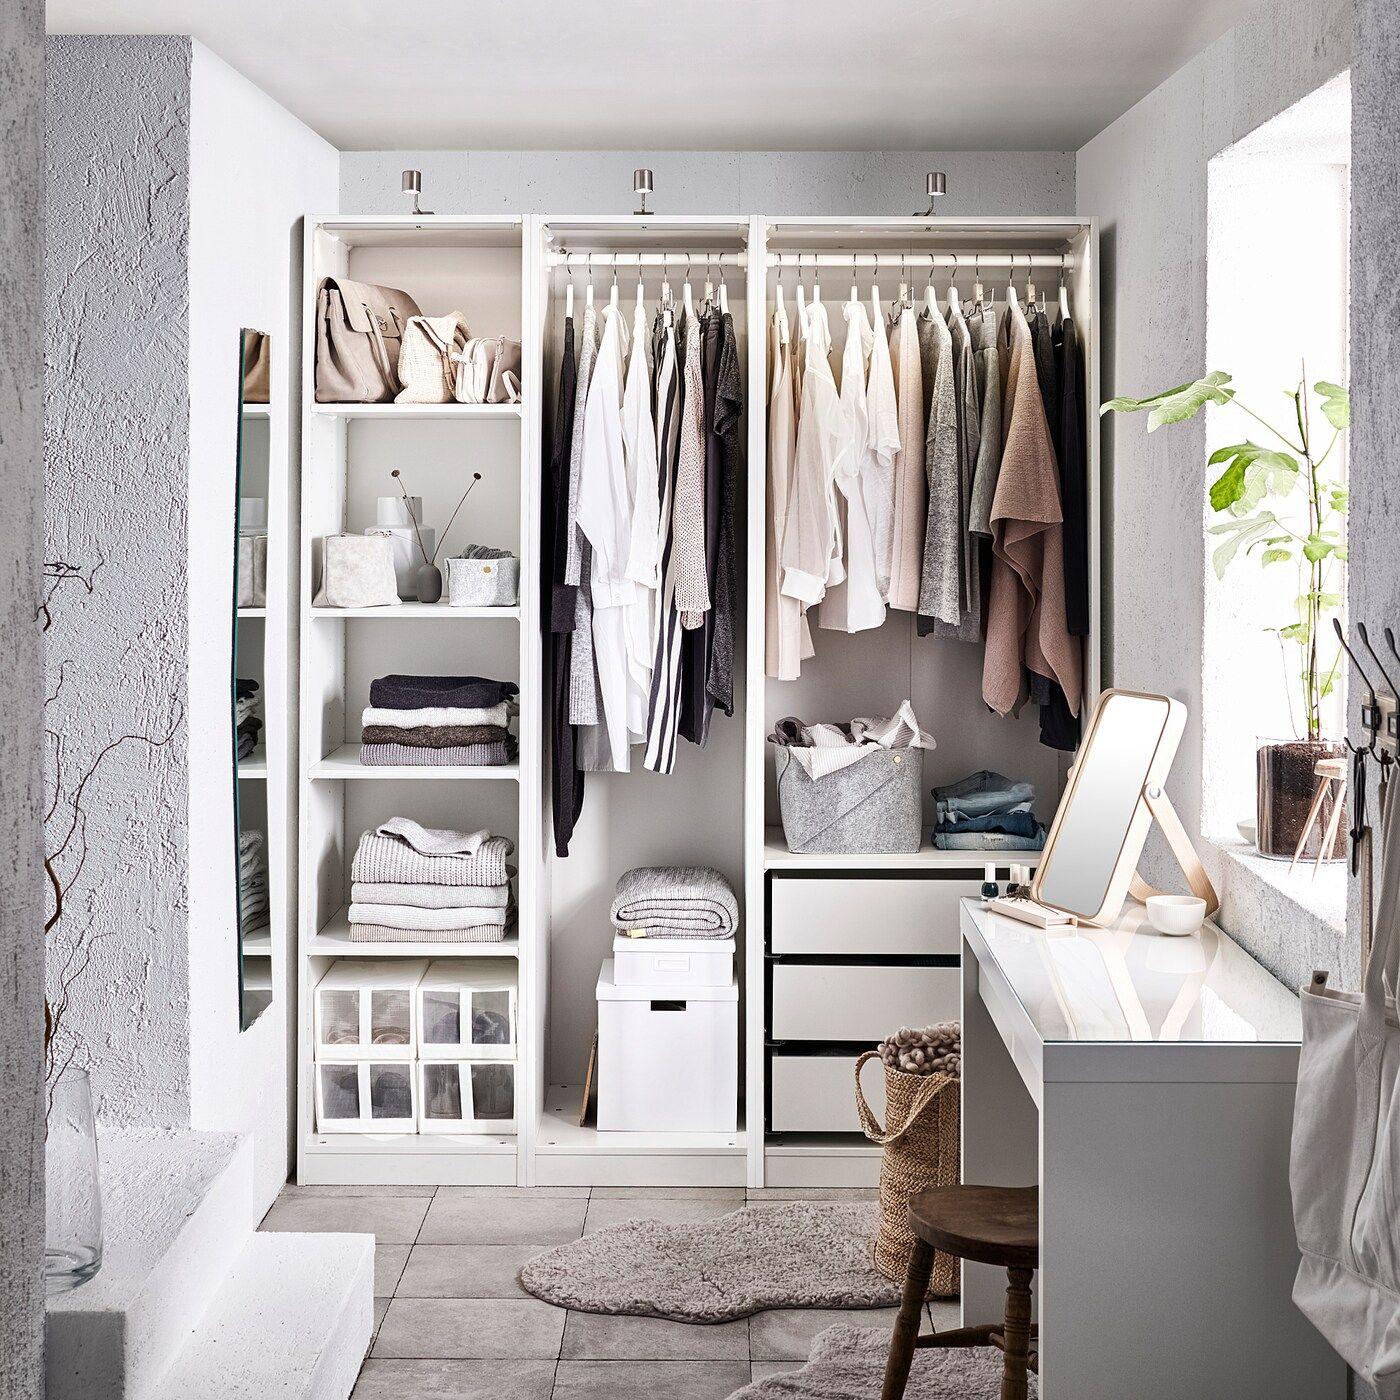 Pax Wardrobe White 68 7 8x22 7 8x79 1 4 175x58x201 Cm In